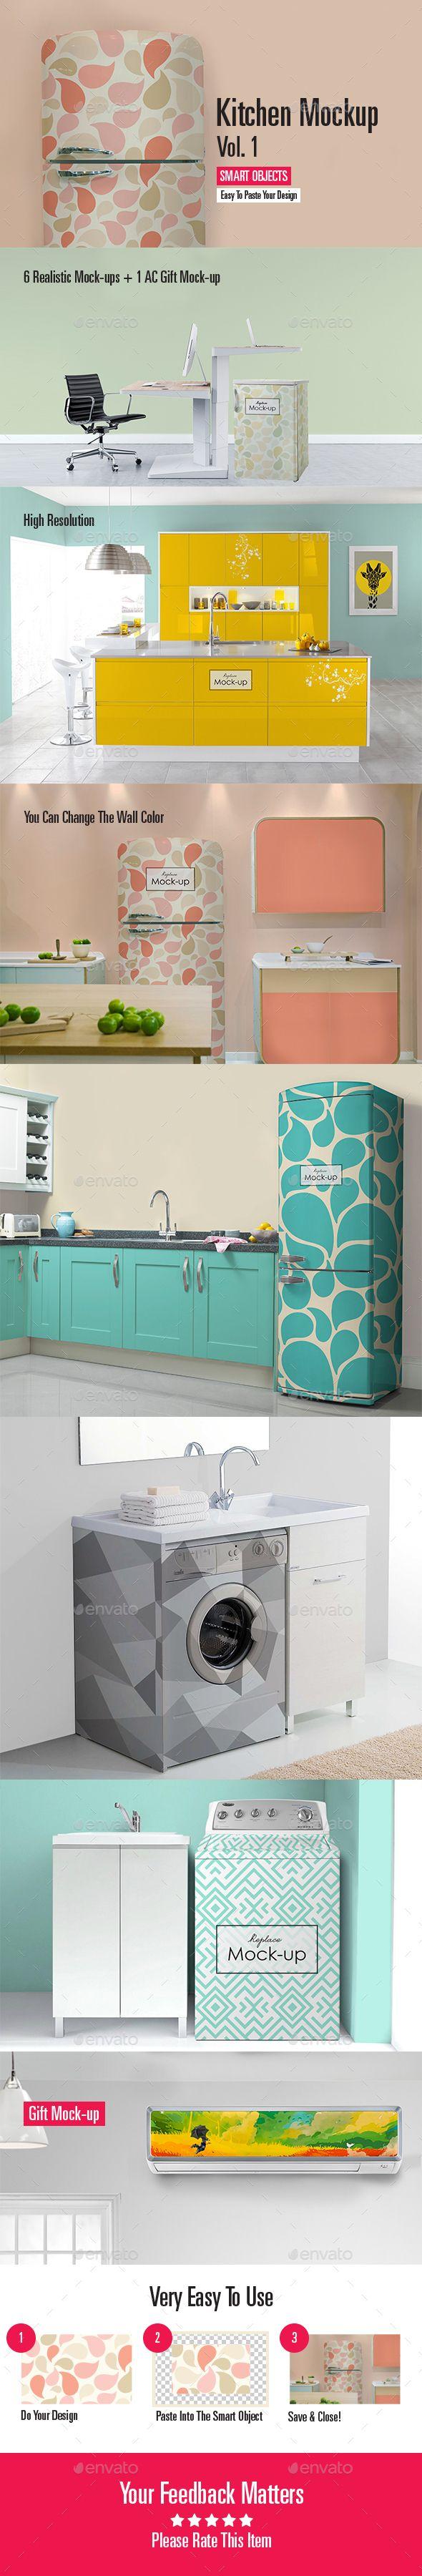 6 poster design photo mockups 57079 - Bathroom Cabinets